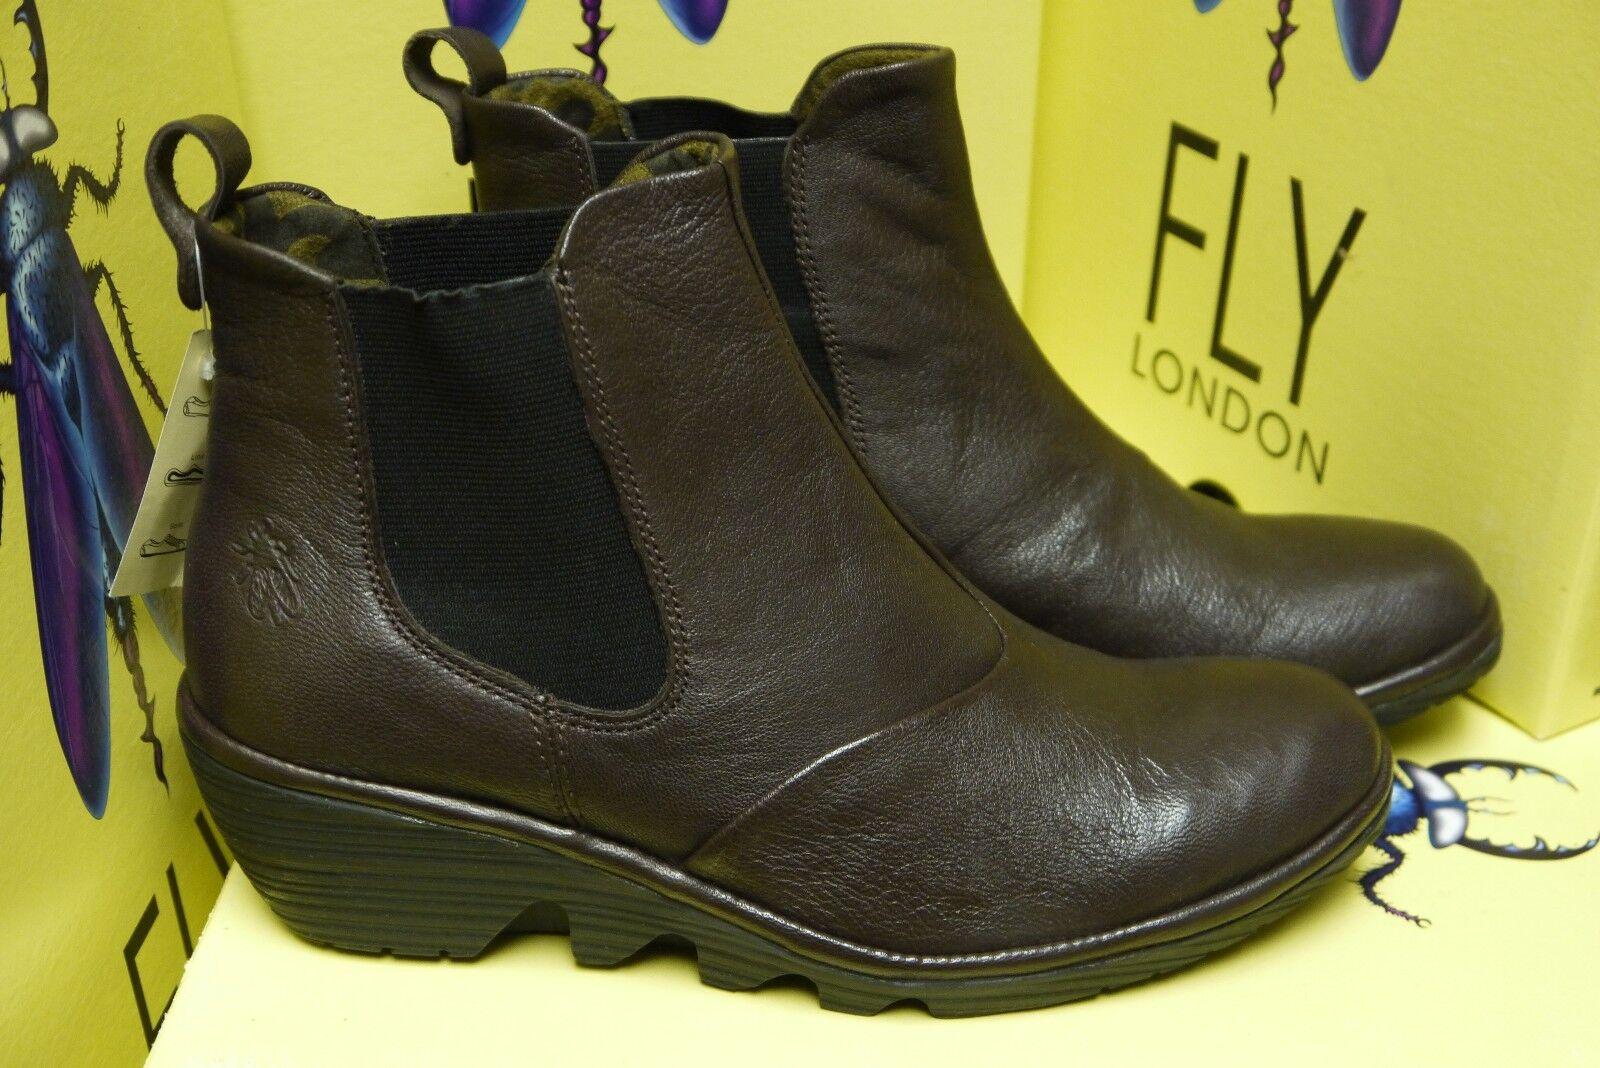 Fly London Para Mujer Prep Prep Prep Dark marrón botas Varios Tamaños Disponibles 6 7 8 9 10  grandes ahorros